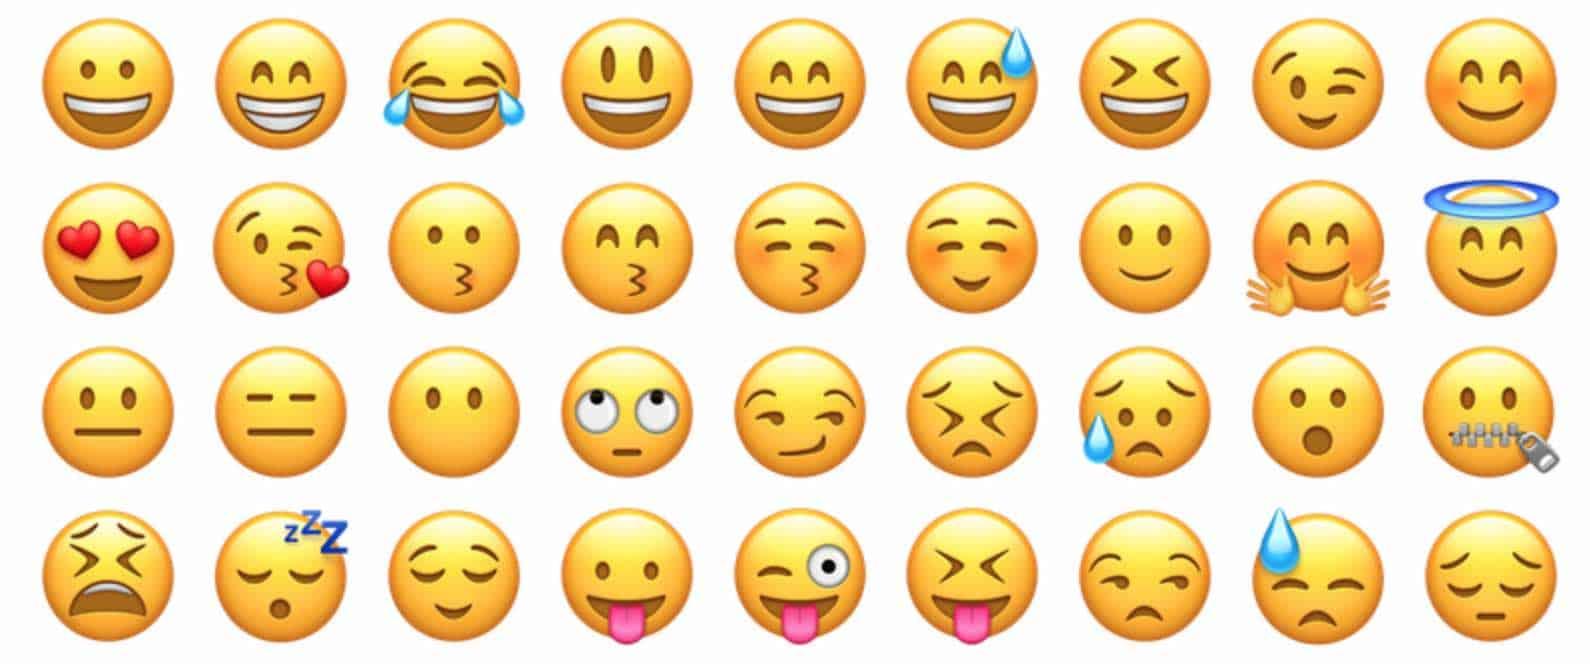 Os emojis do WhatsApp e dos celulares com sistema operacional iOS, possivelmente os mais famosos